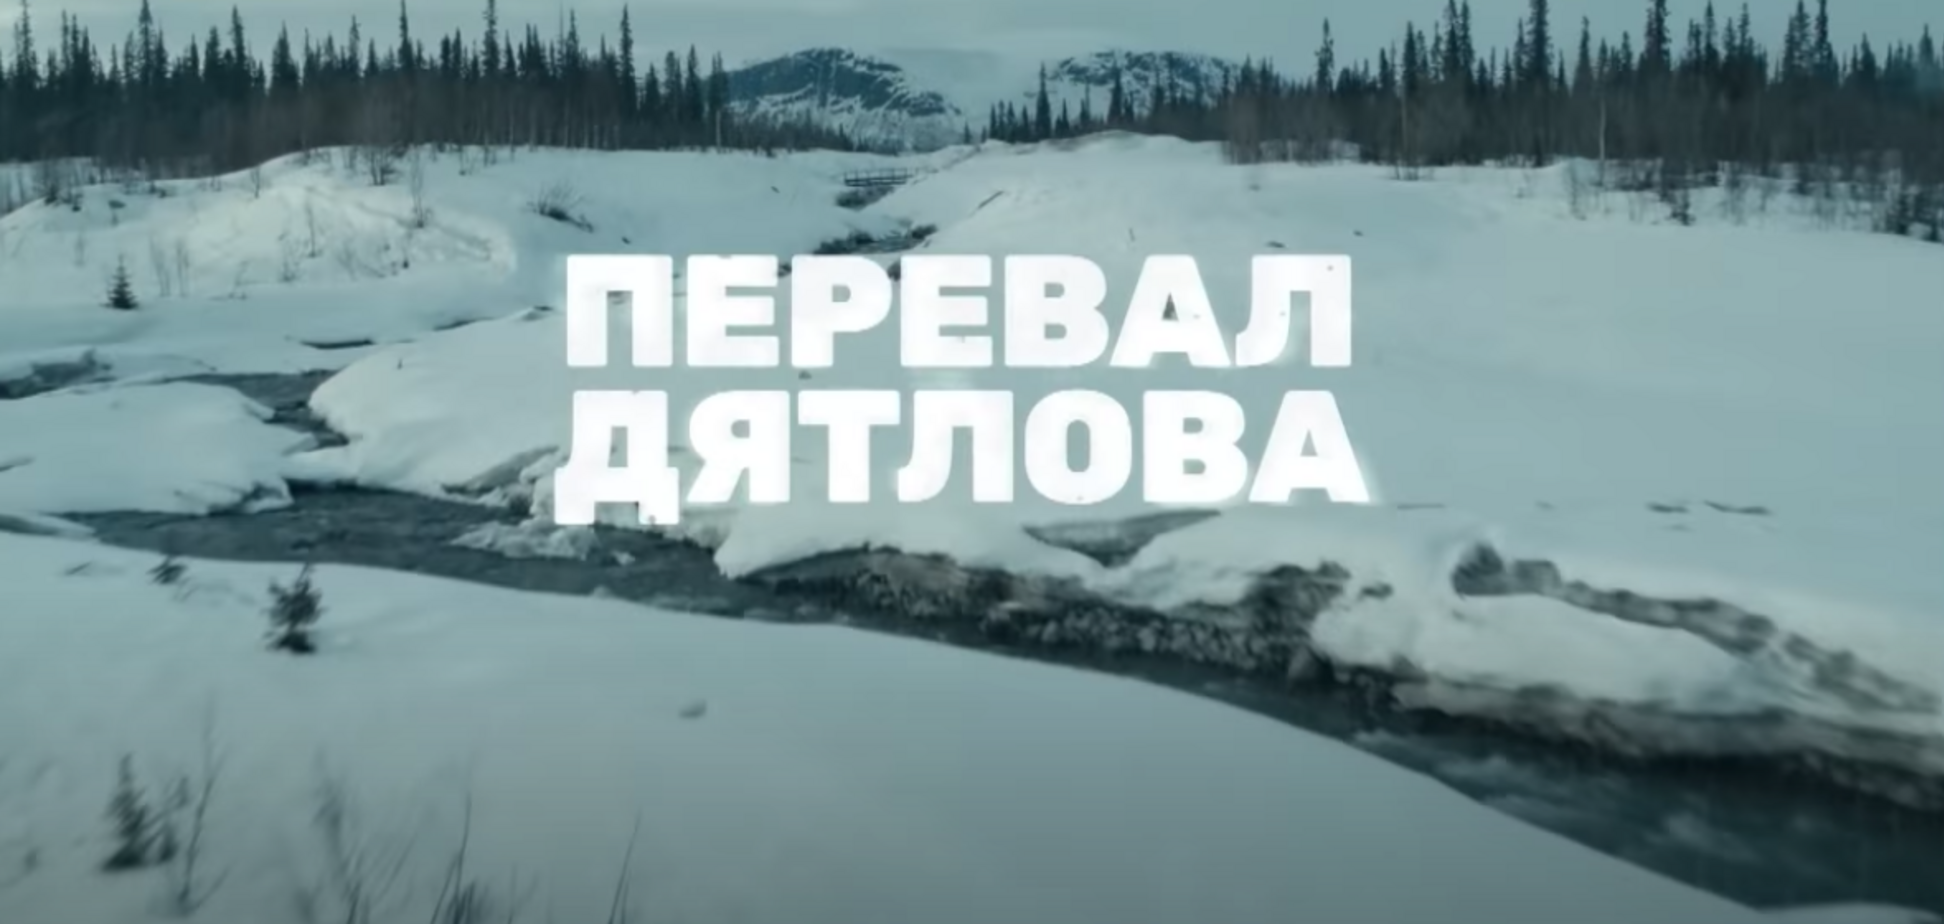 В сети показали трейлер сериала 'Перевал Дятлова'